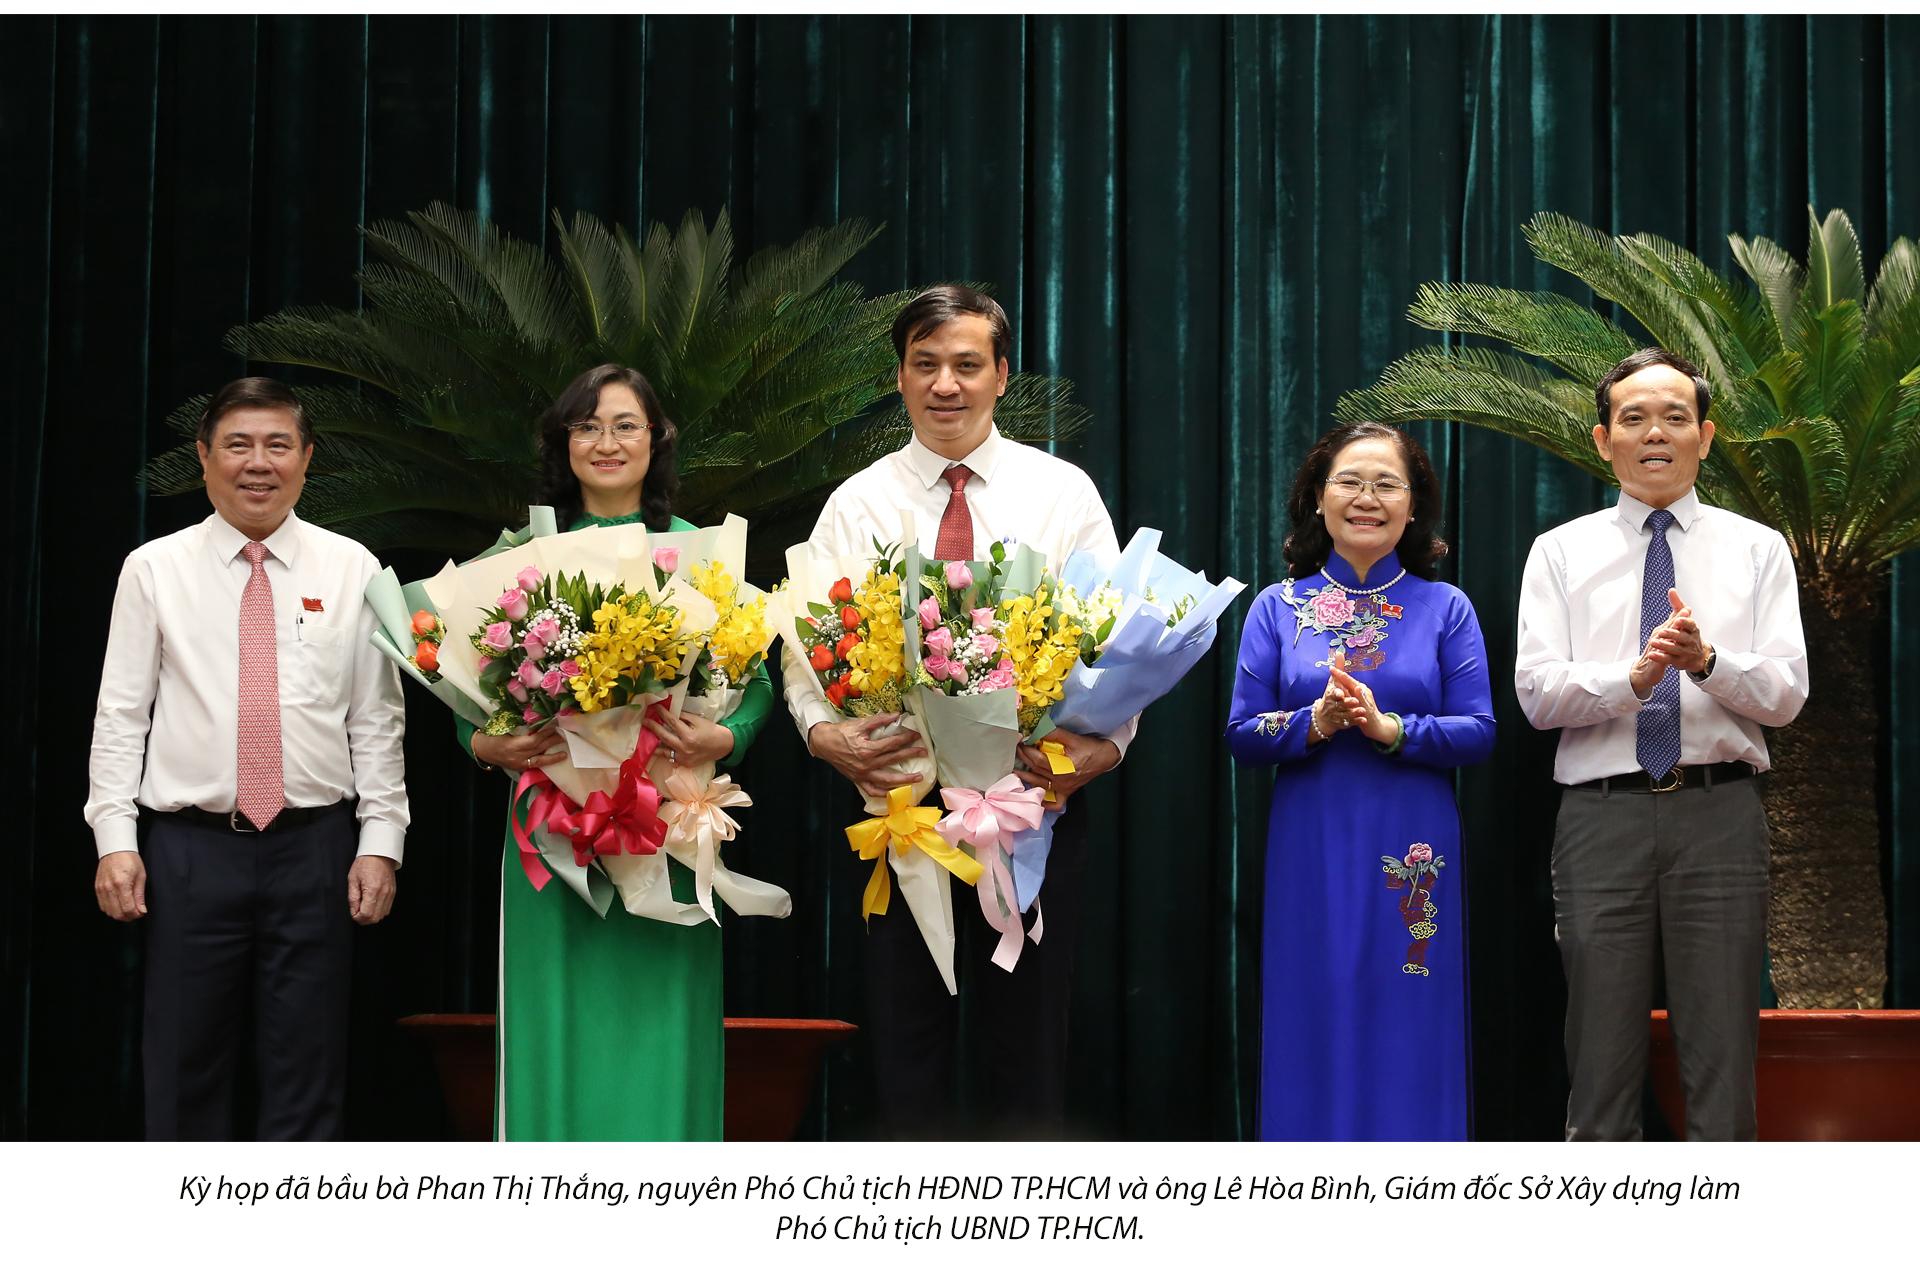 Emagazine: HĐND TP.HCM và 5 dấu ấn của nhiệm kỳ 2016-2021 - ảnh 17